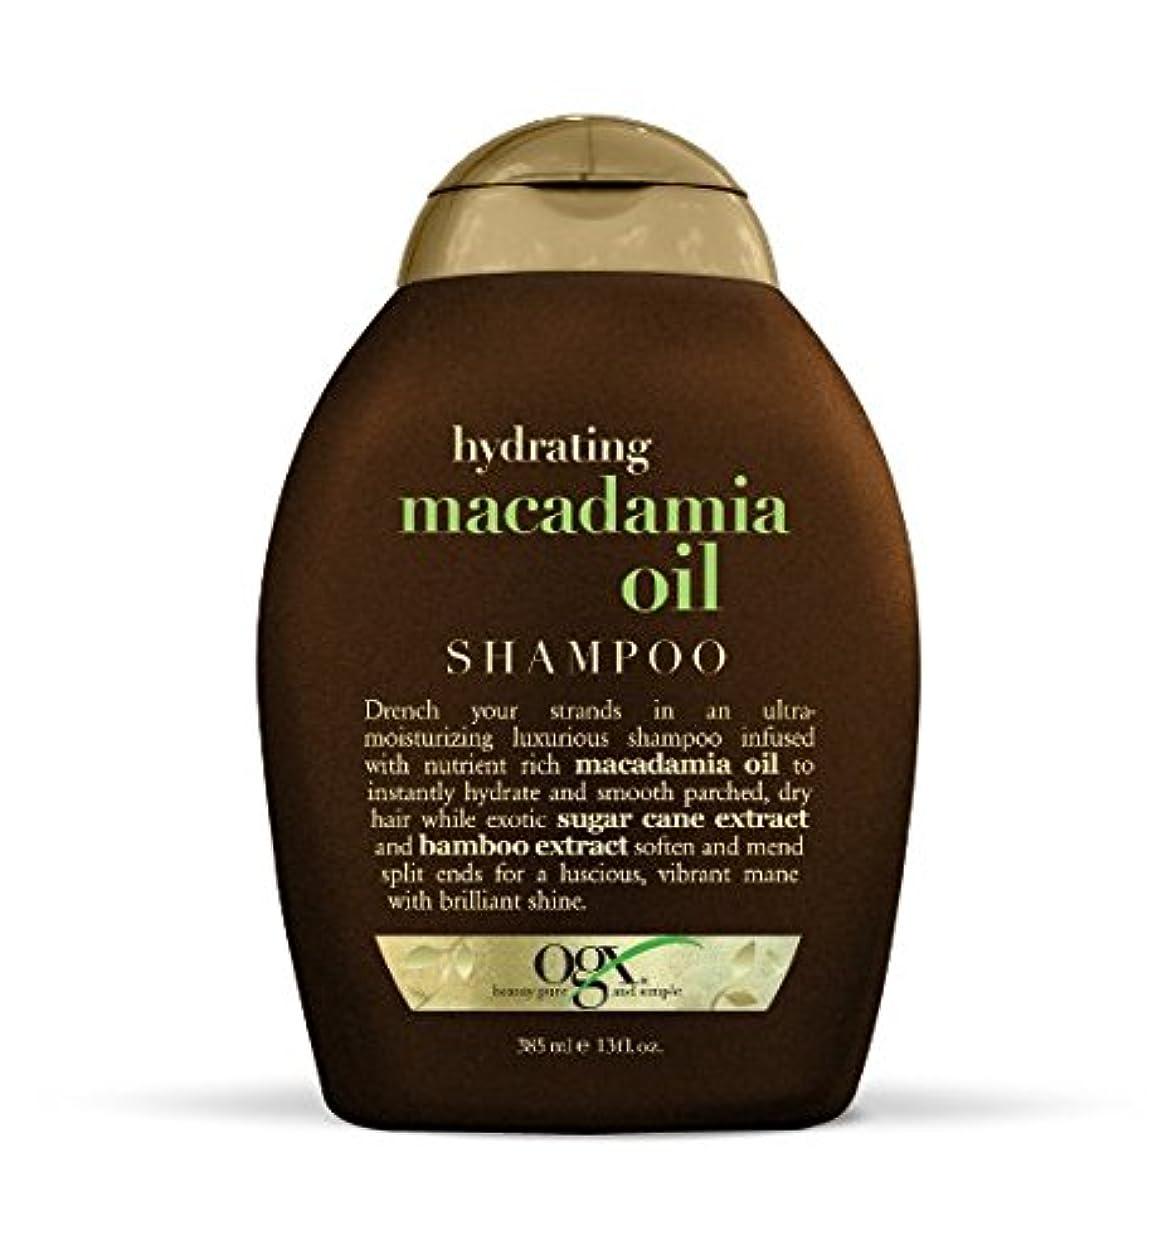 壊す肘掛け椅子食事OGX Sulfate Free Hydrating Macadamia Oil Shampoo 360ml ハイドレイティングマカダミアオイルシャンプー [並行輸入品]